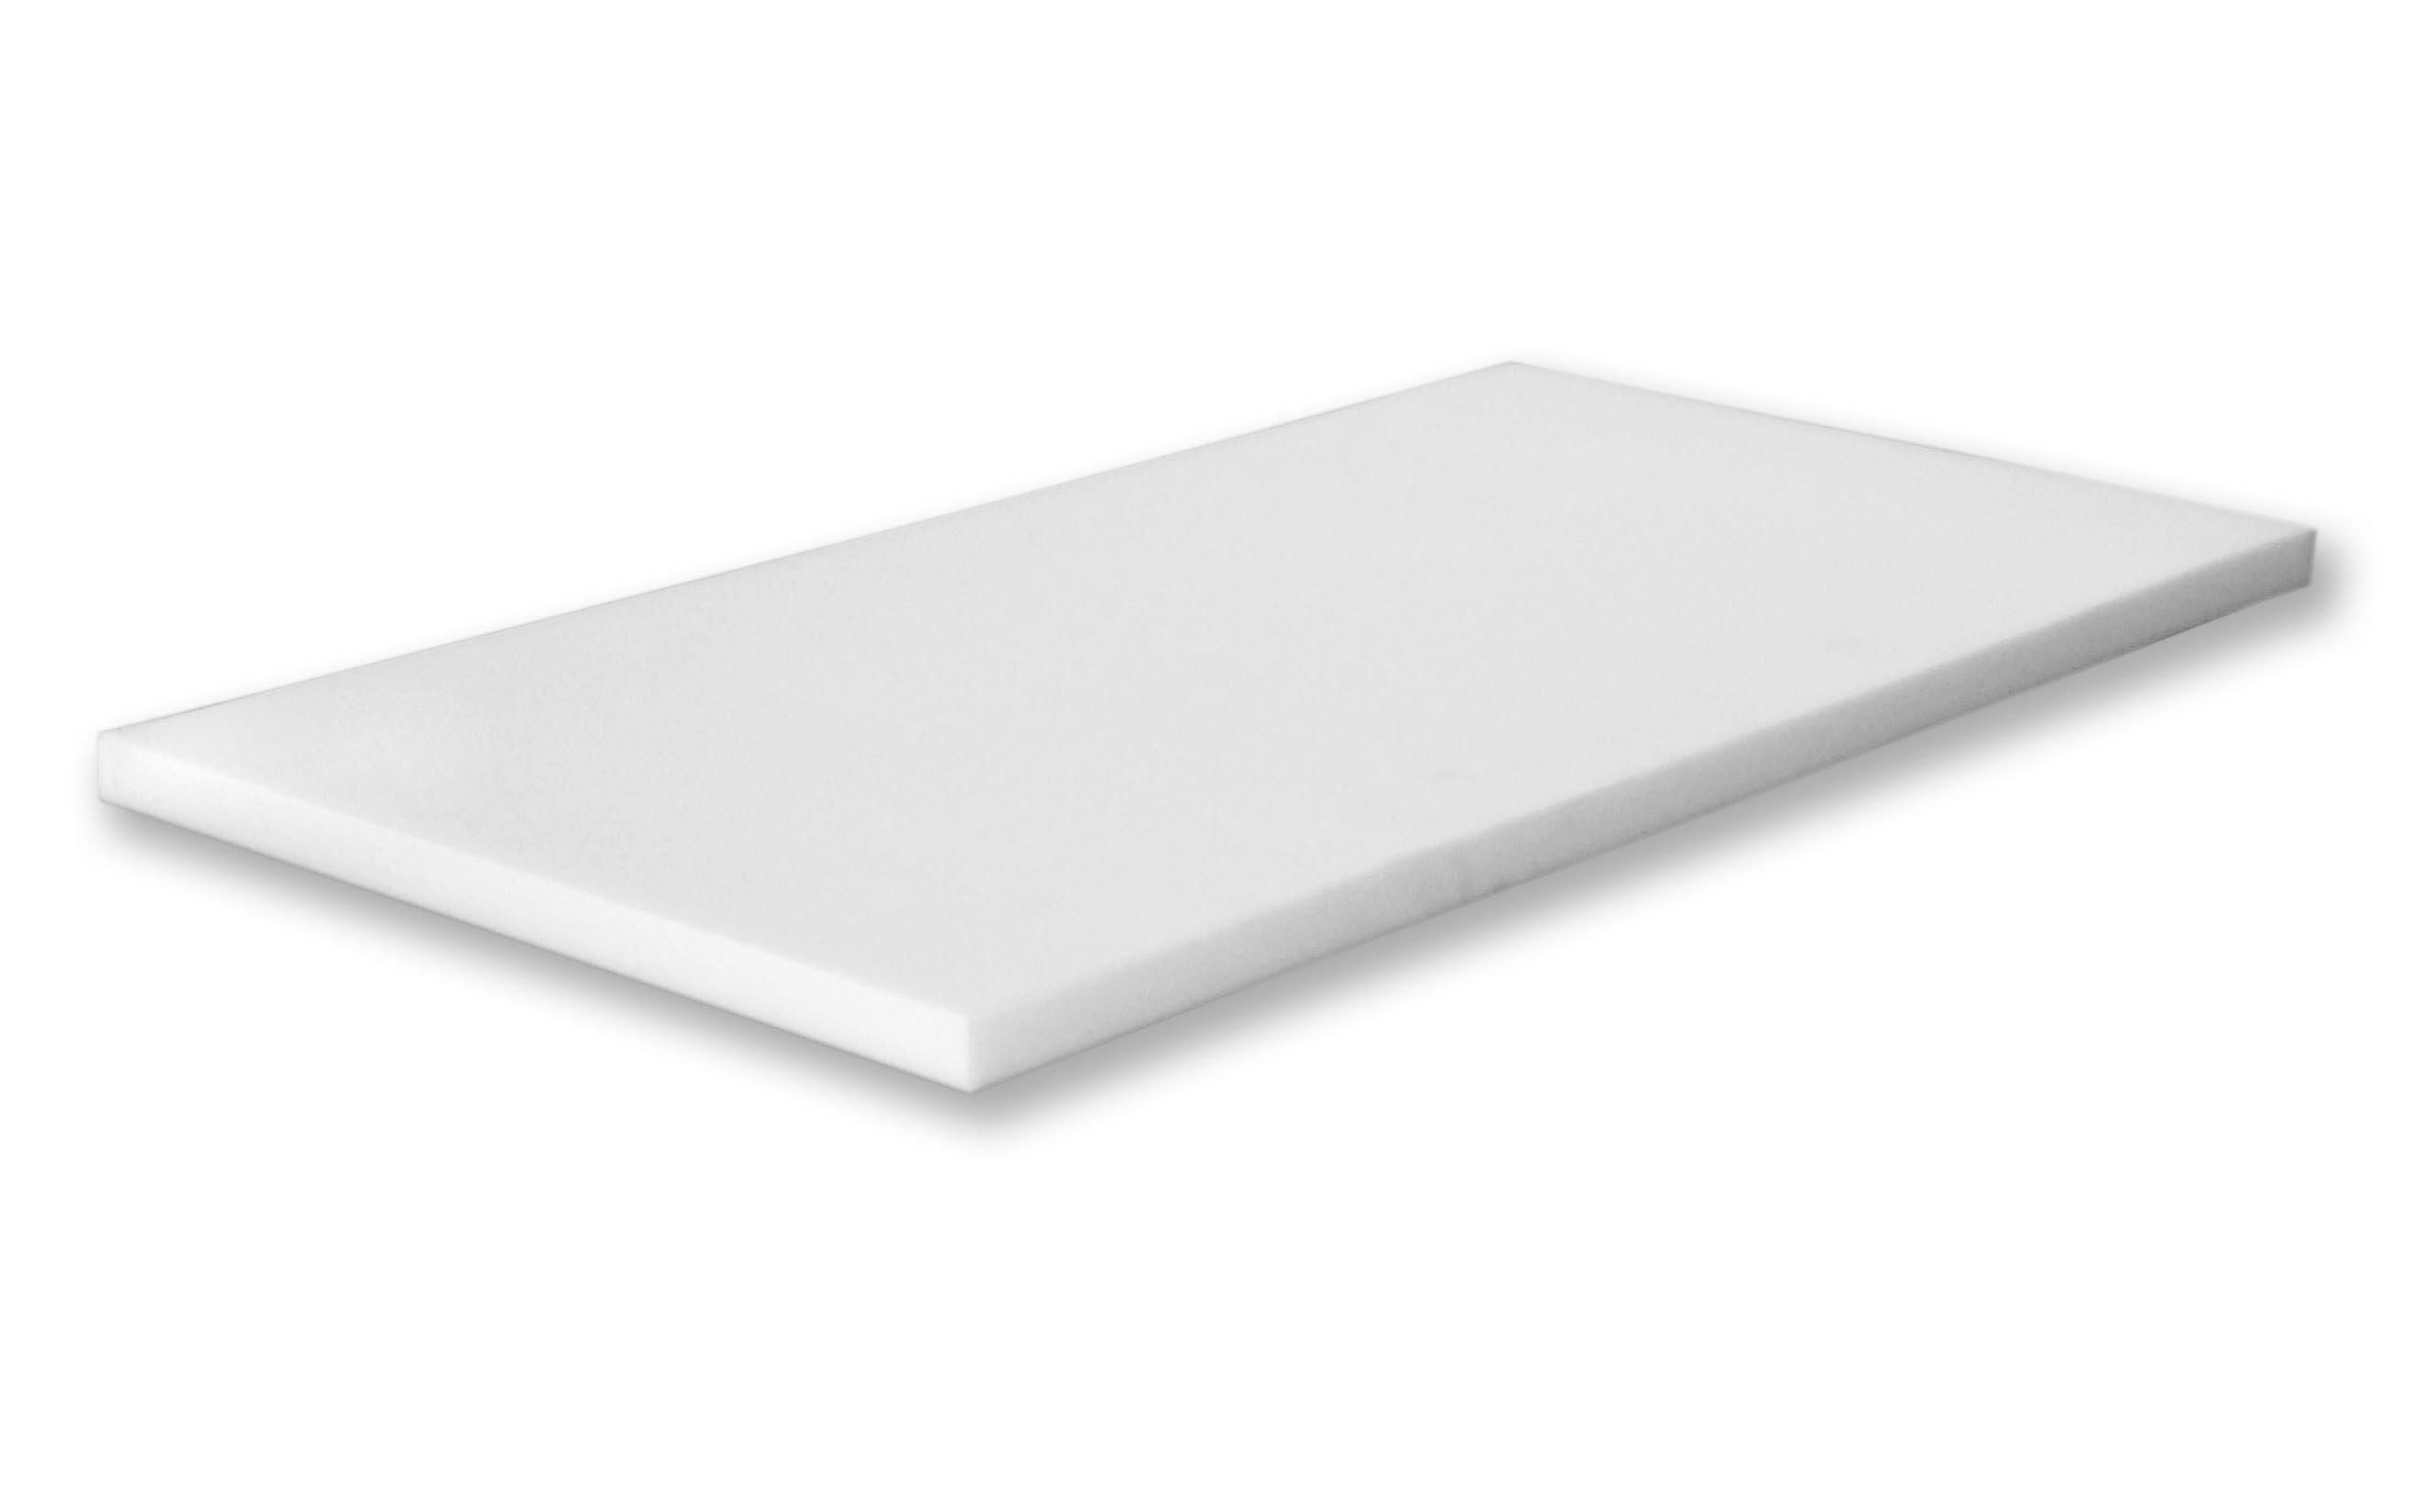 basotect platte 118x58x10cm schallabsorber wei. Black Bedroom Furniture Sets. Home Design Ideas